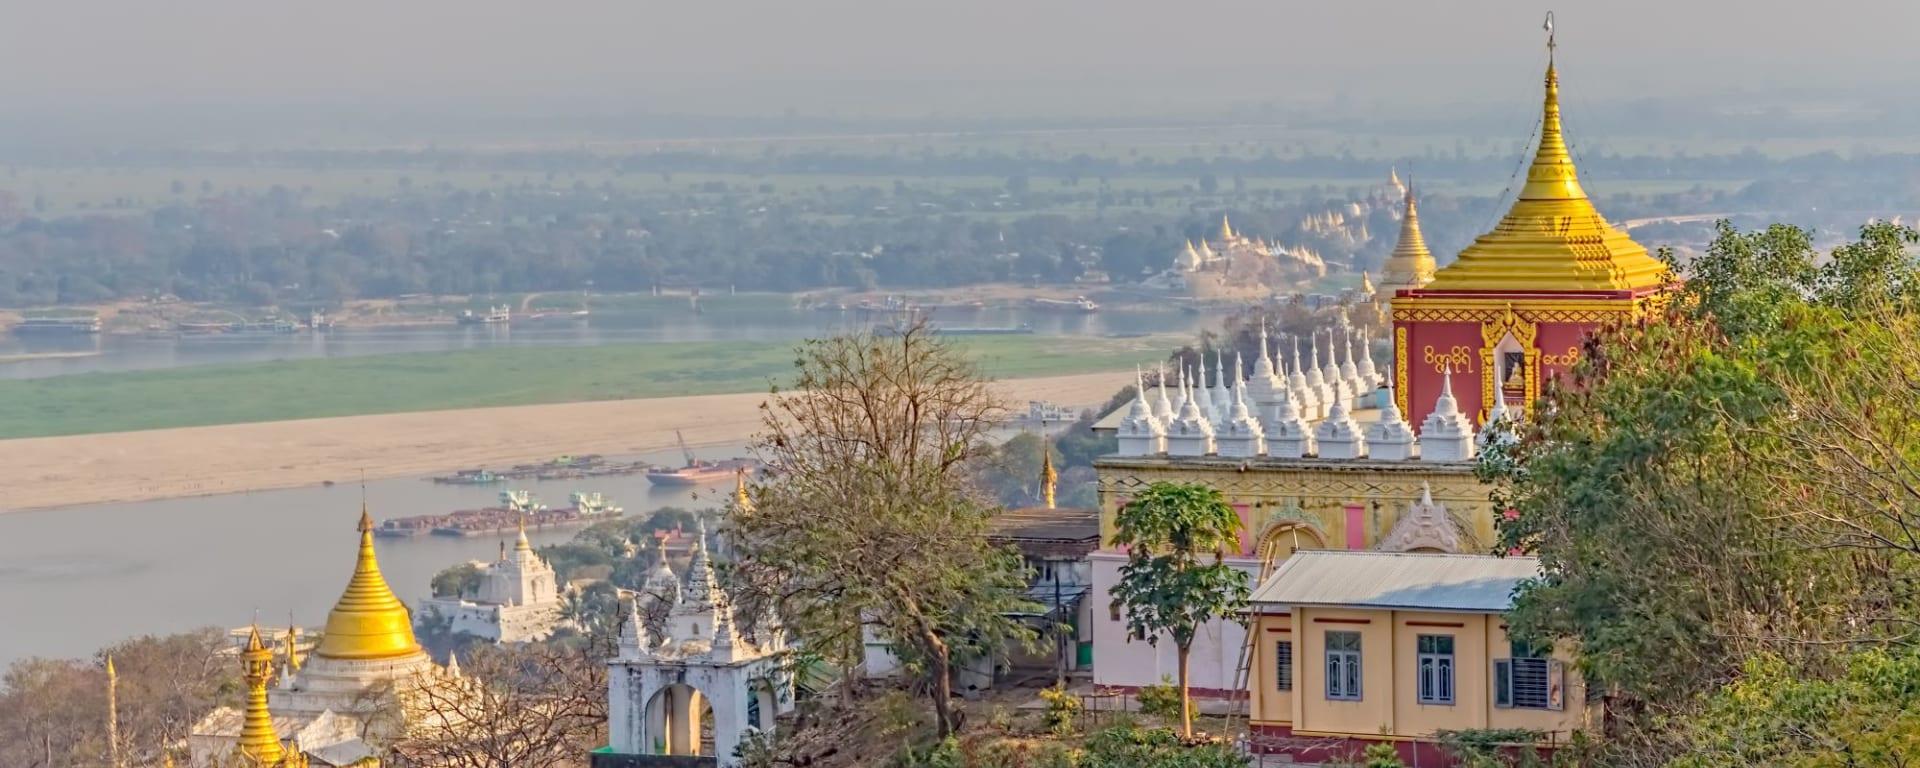 Myanmar - Land der Tempel und Pagoden ab Yangon: Mandalay Sagaing Hill